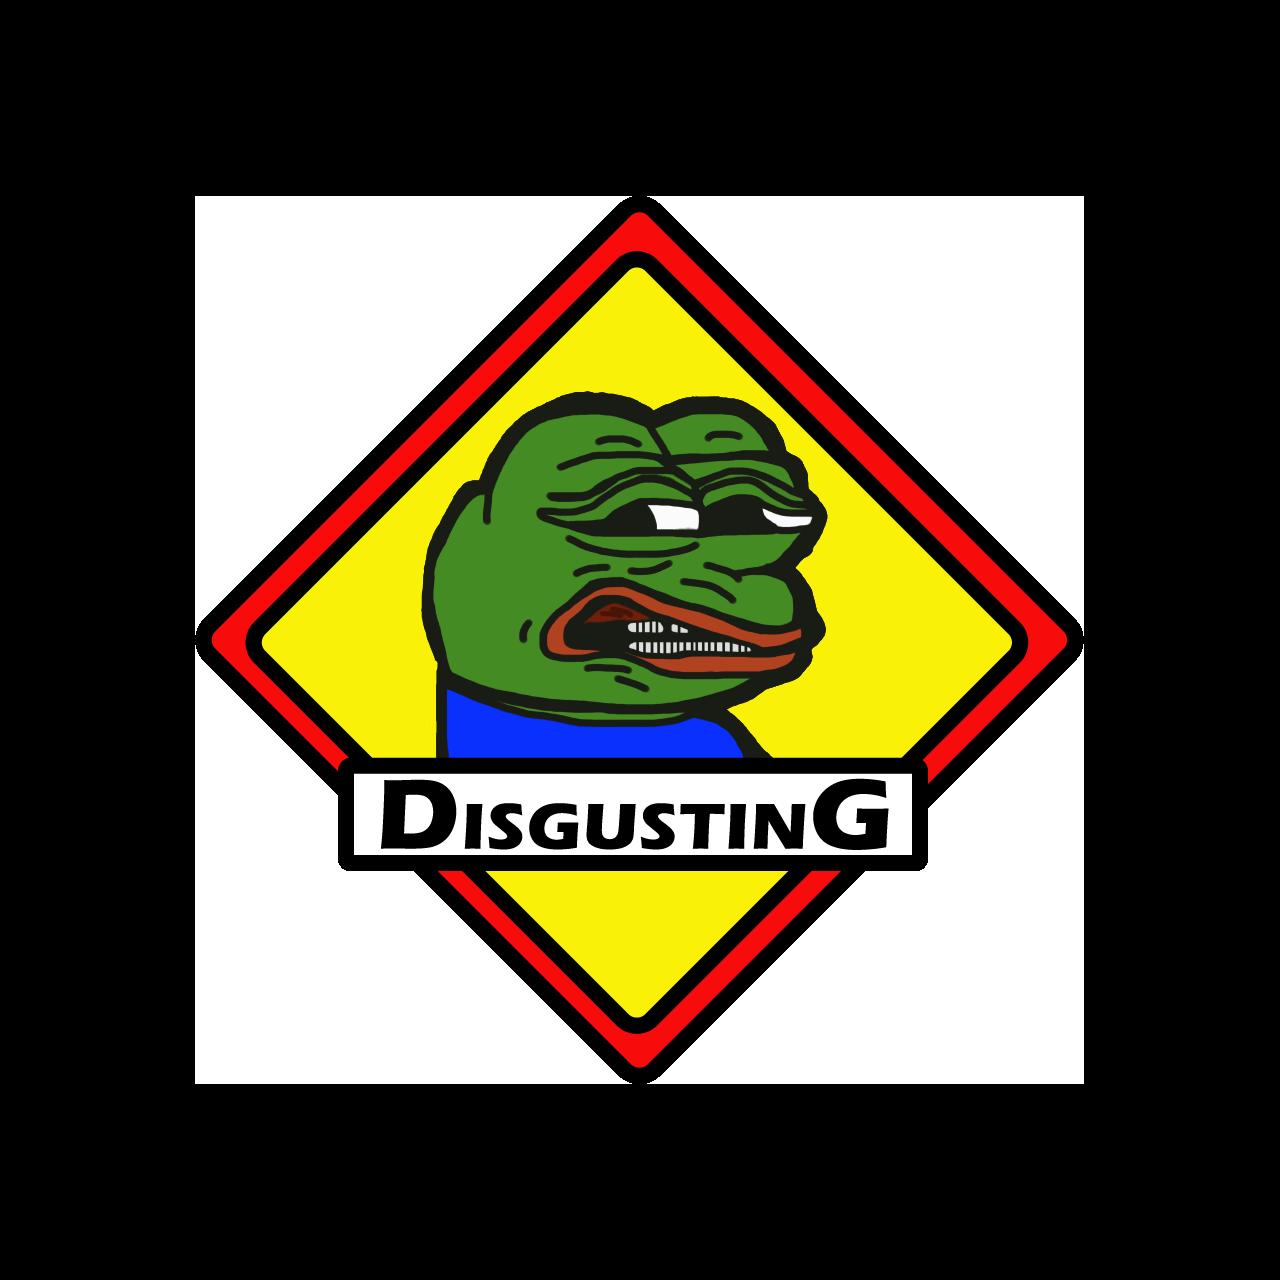 Disgusting Logo